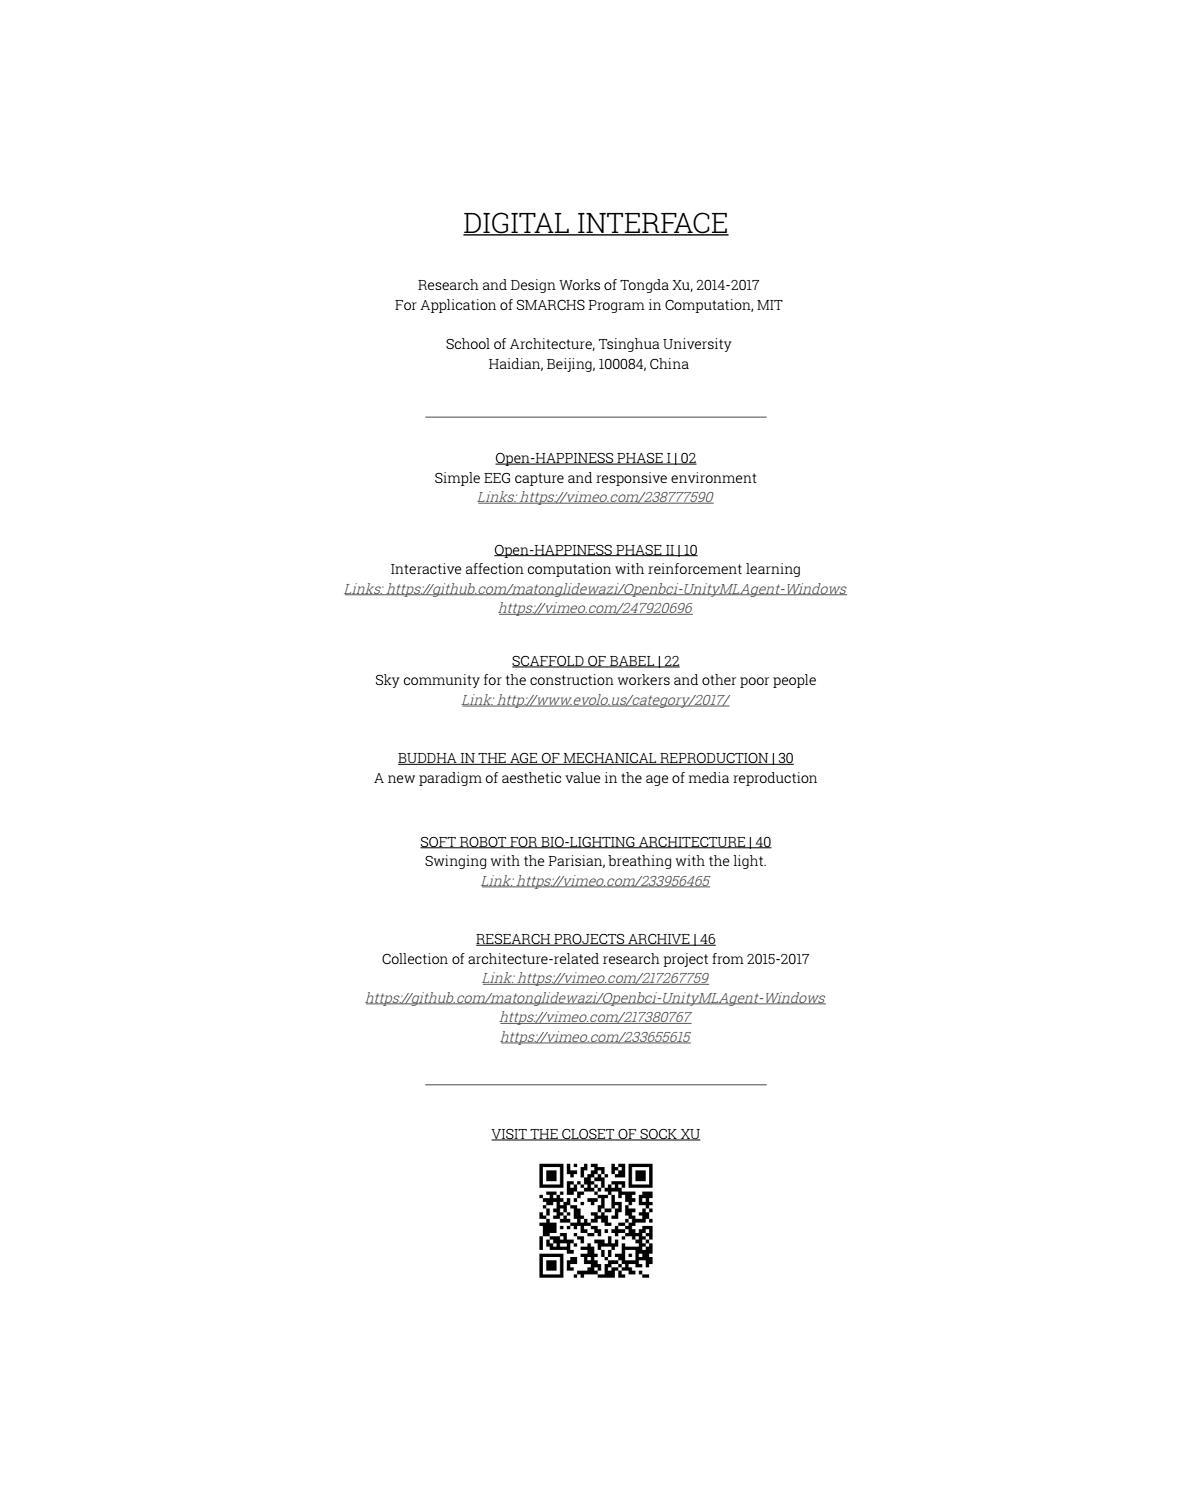 Sock Xu PDF Portfolio 2015-2017 by Xu Tongda - issuu